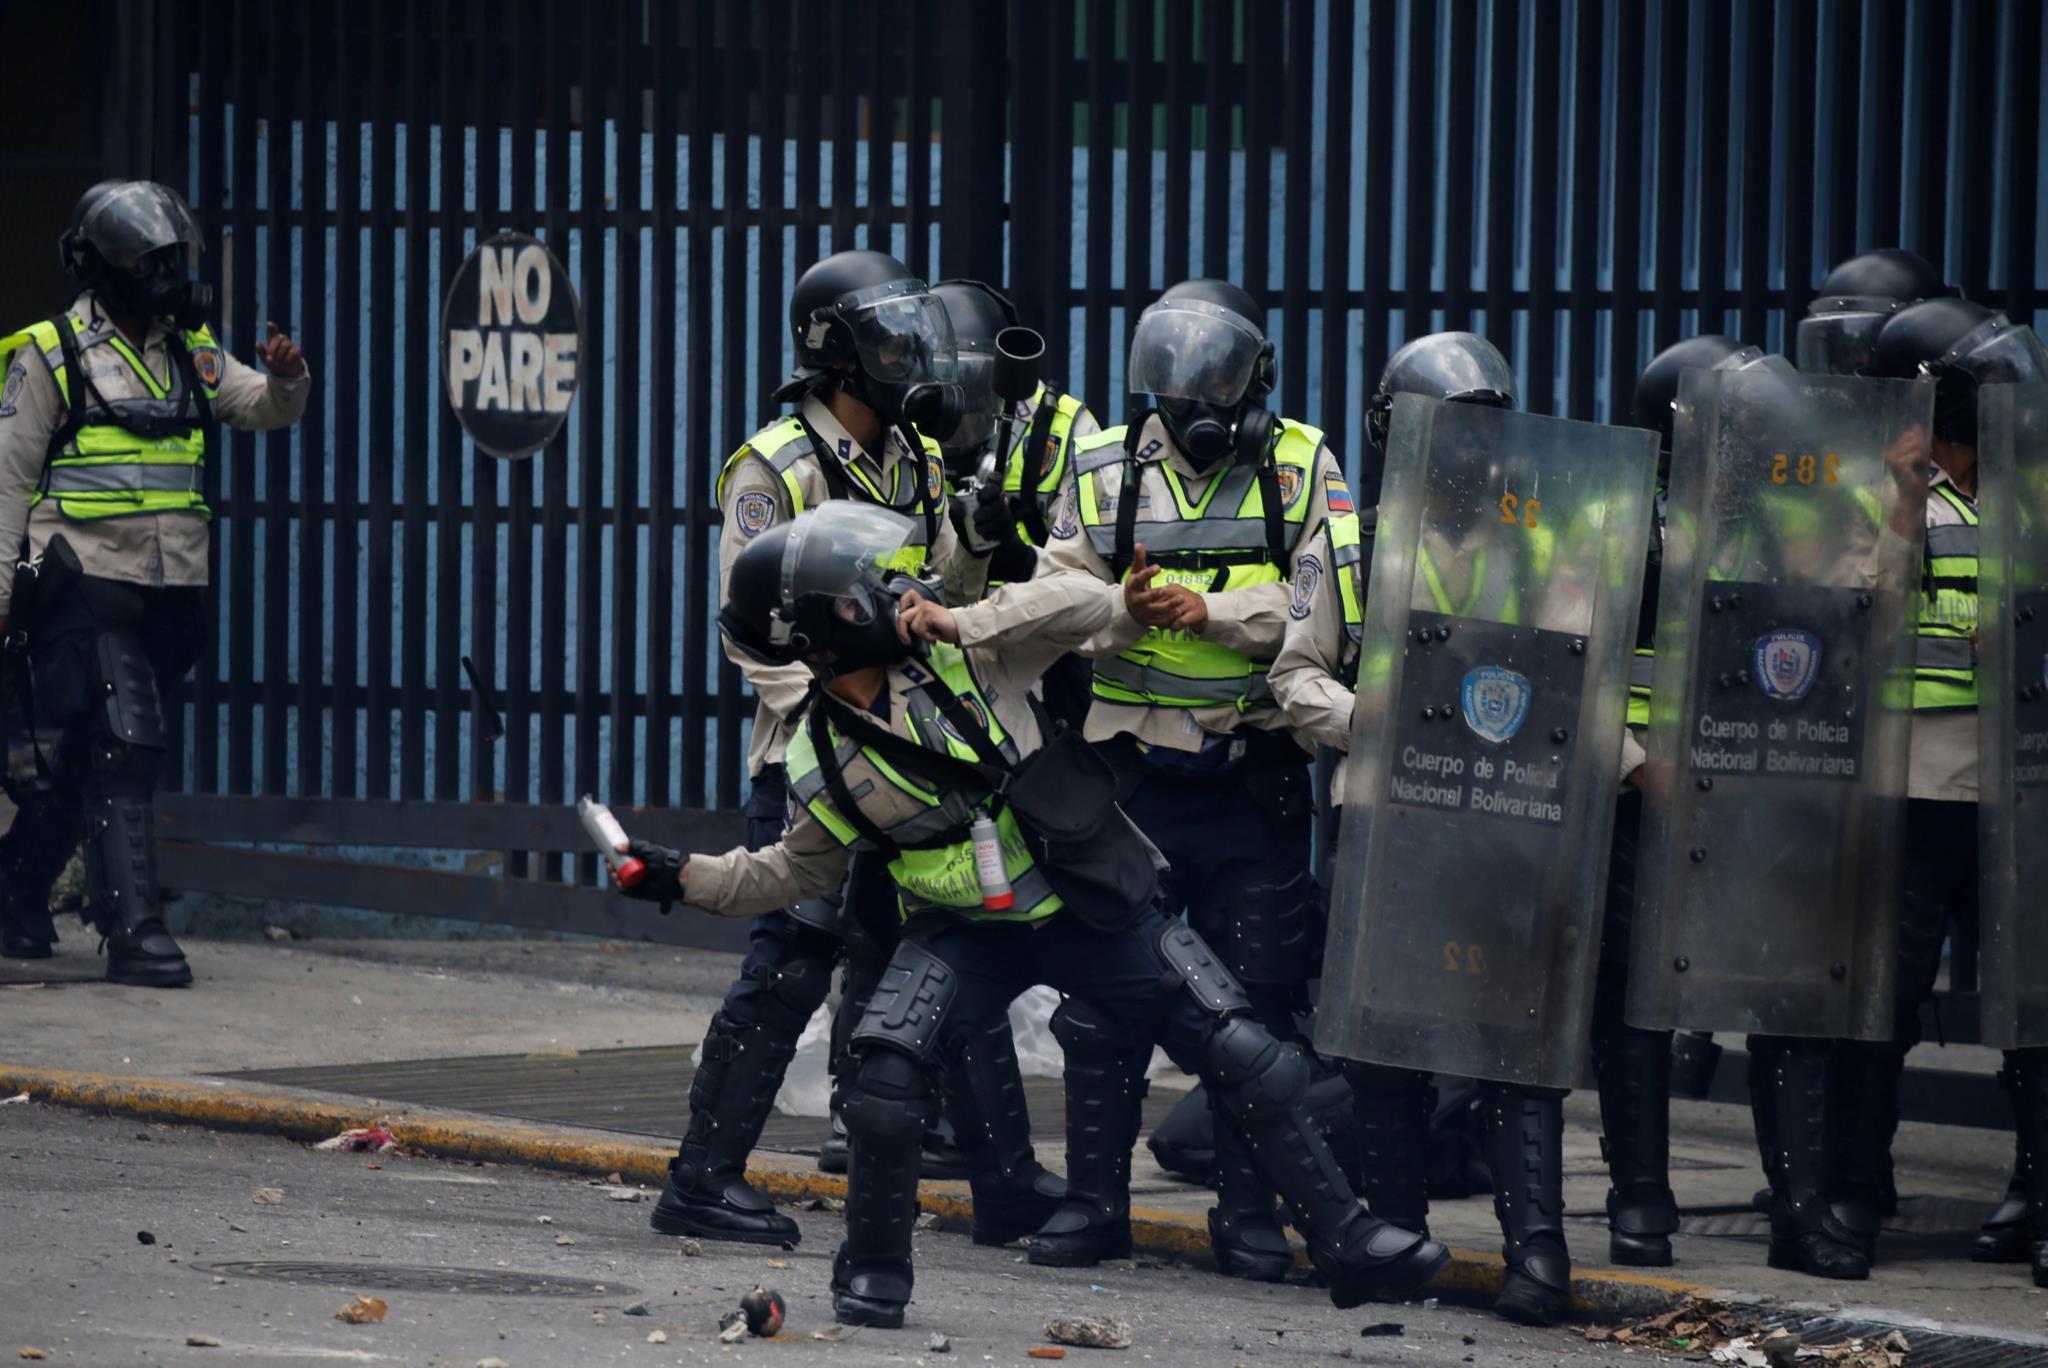 A polícia respondeu com gás lacrimogéneo